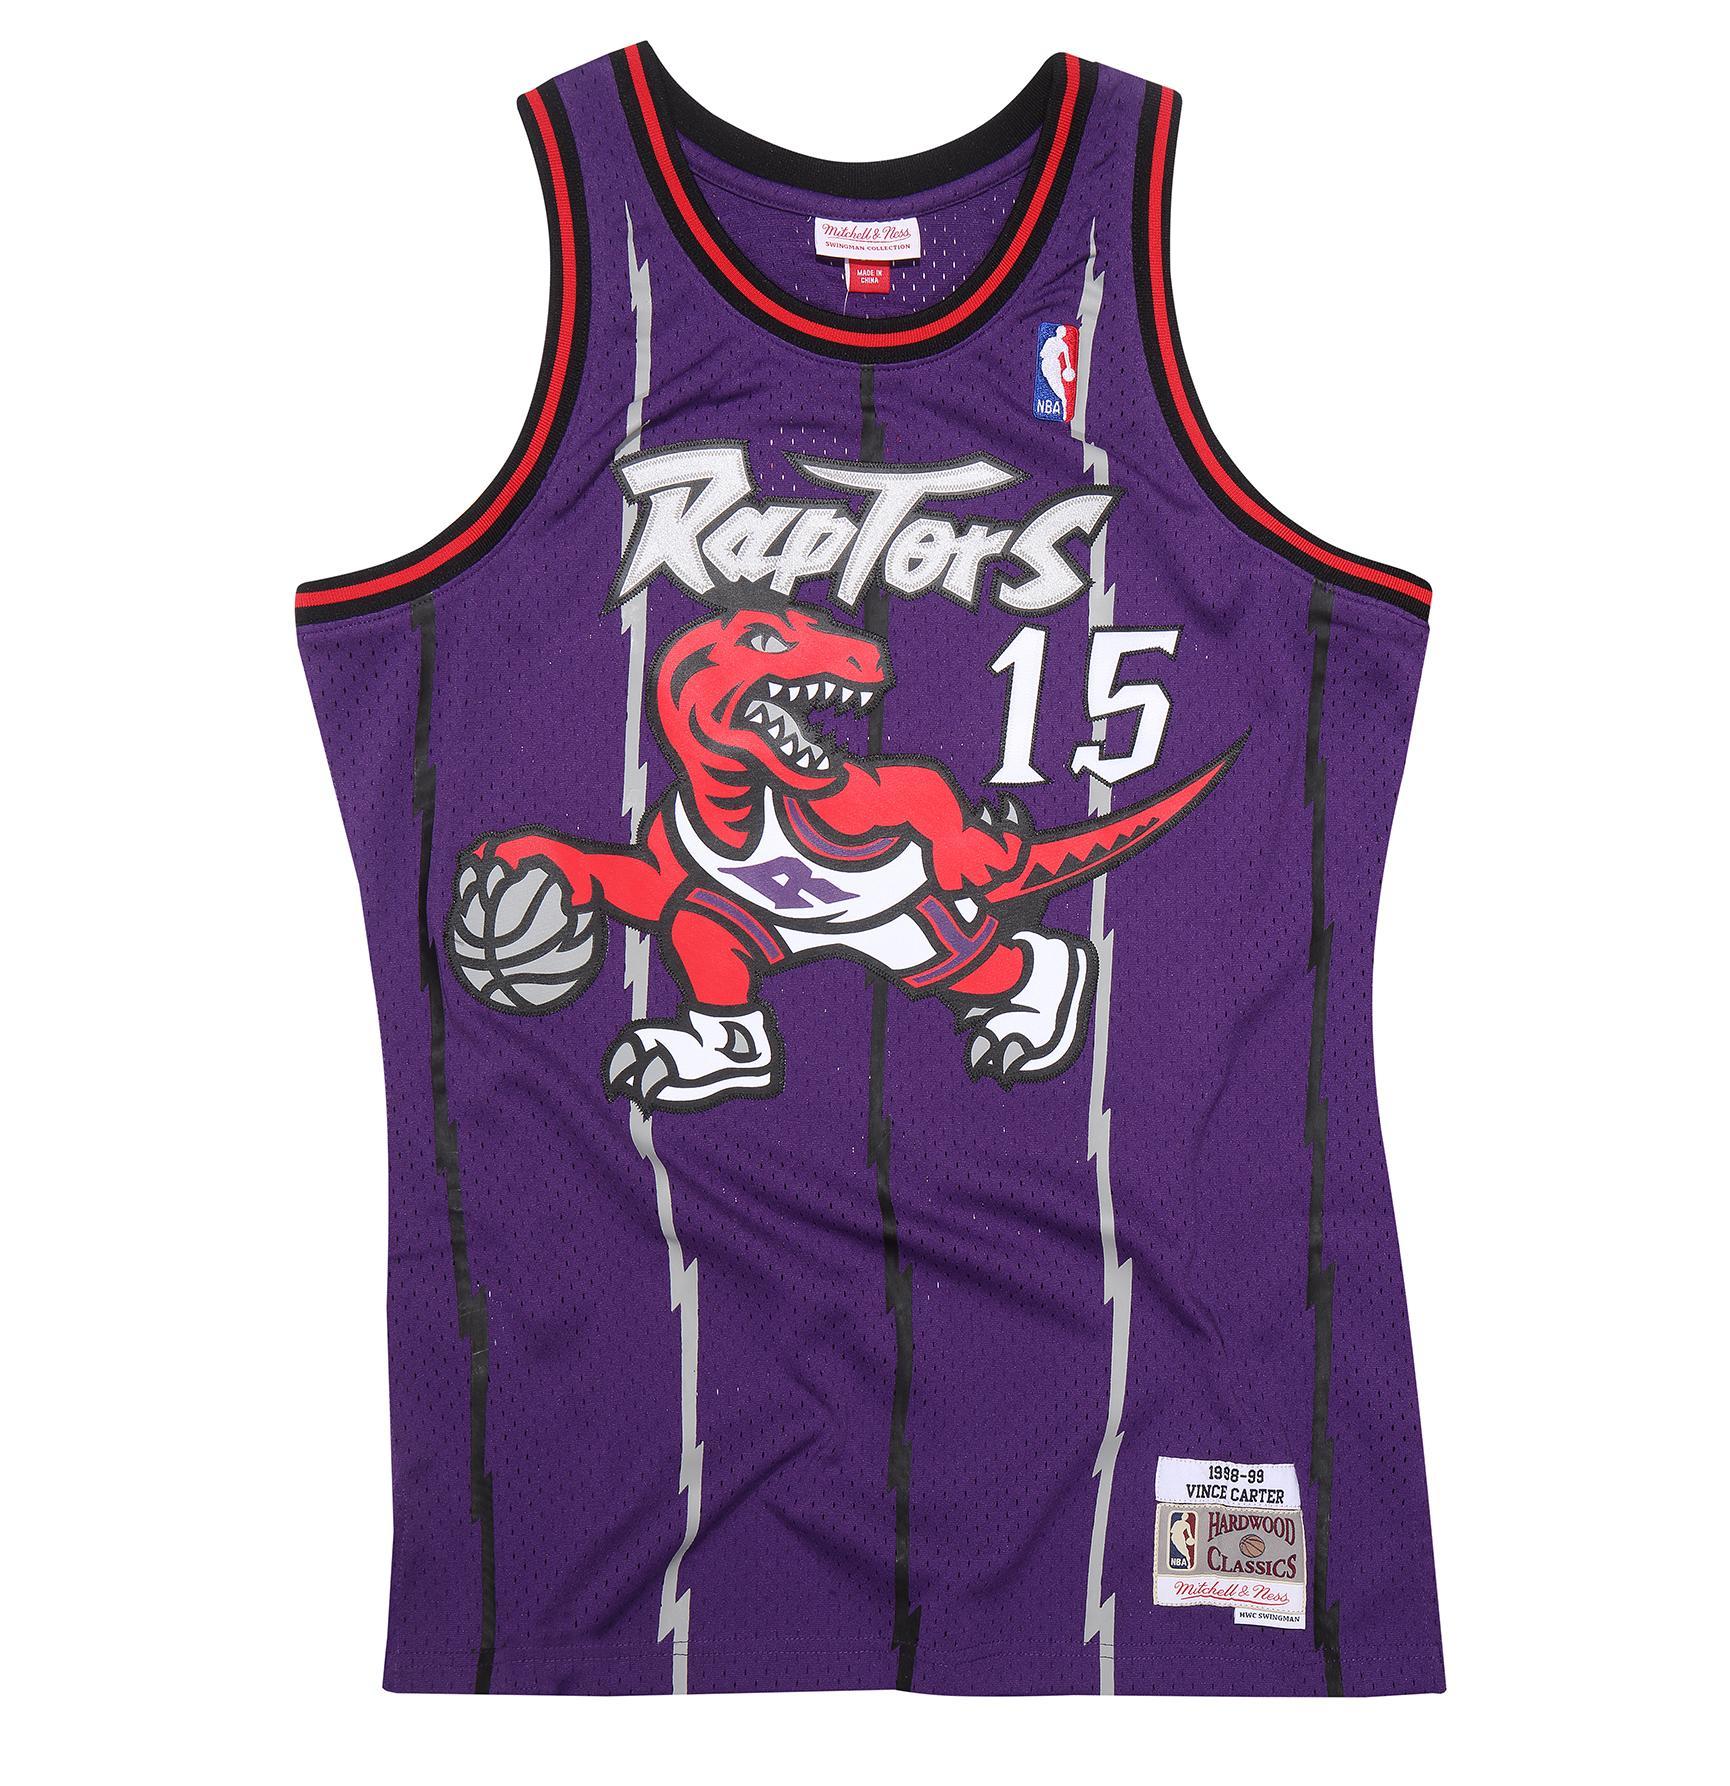 Vince Carter 1998-99 Road Swingman Jersey Toronto Raptors 33d2eea51